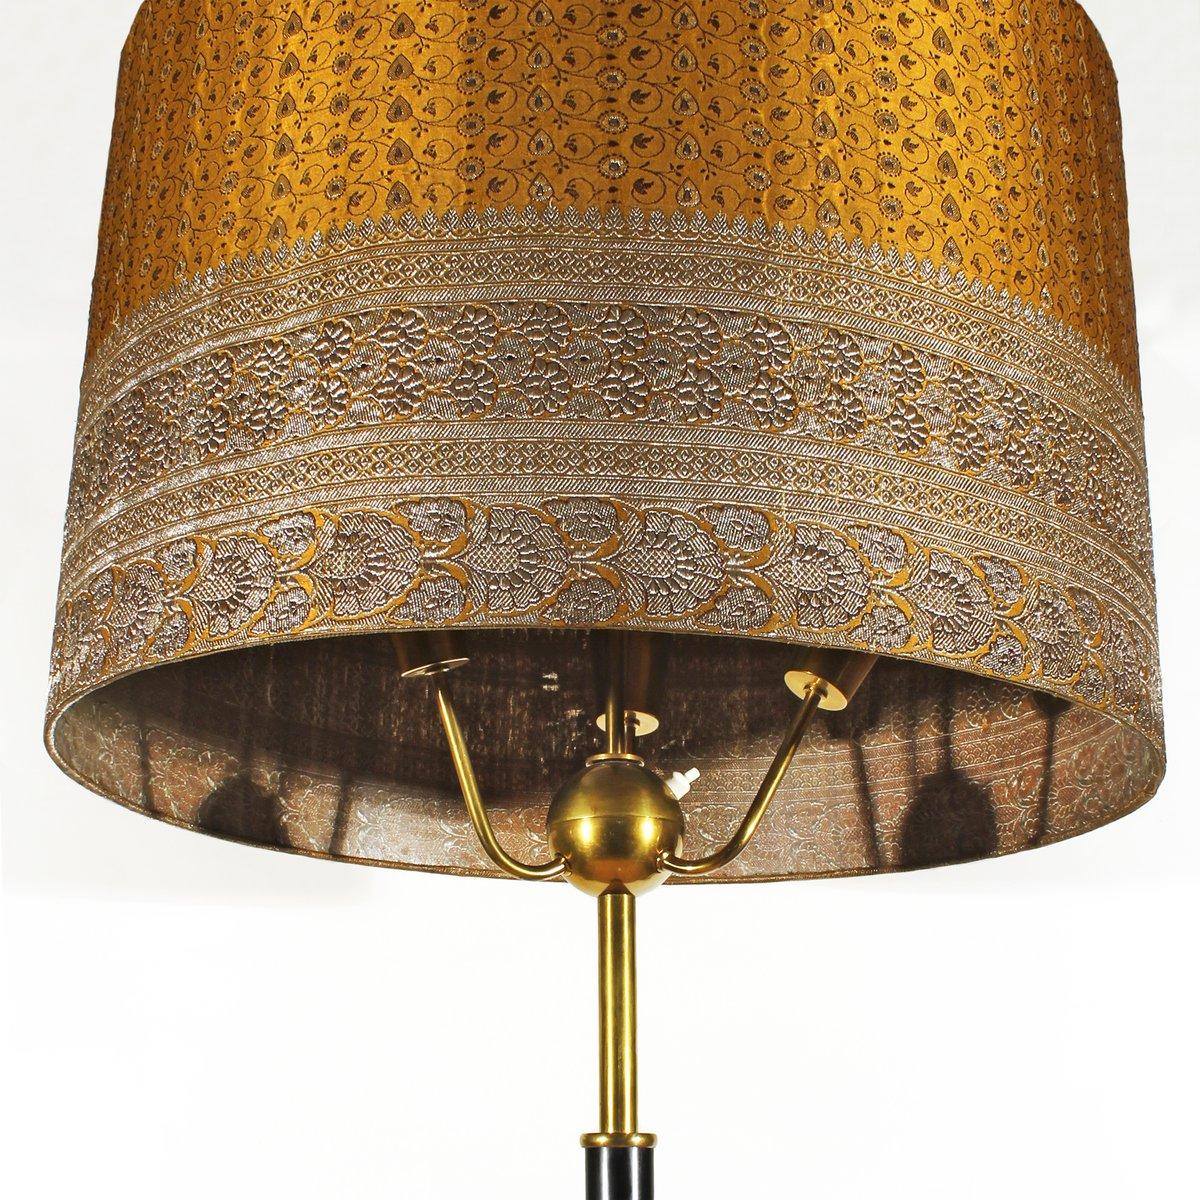 italienische stehlampe mit lampenschirm aus seide 1940er. Black Bedroom Furniture Sets. Home Design Ideas